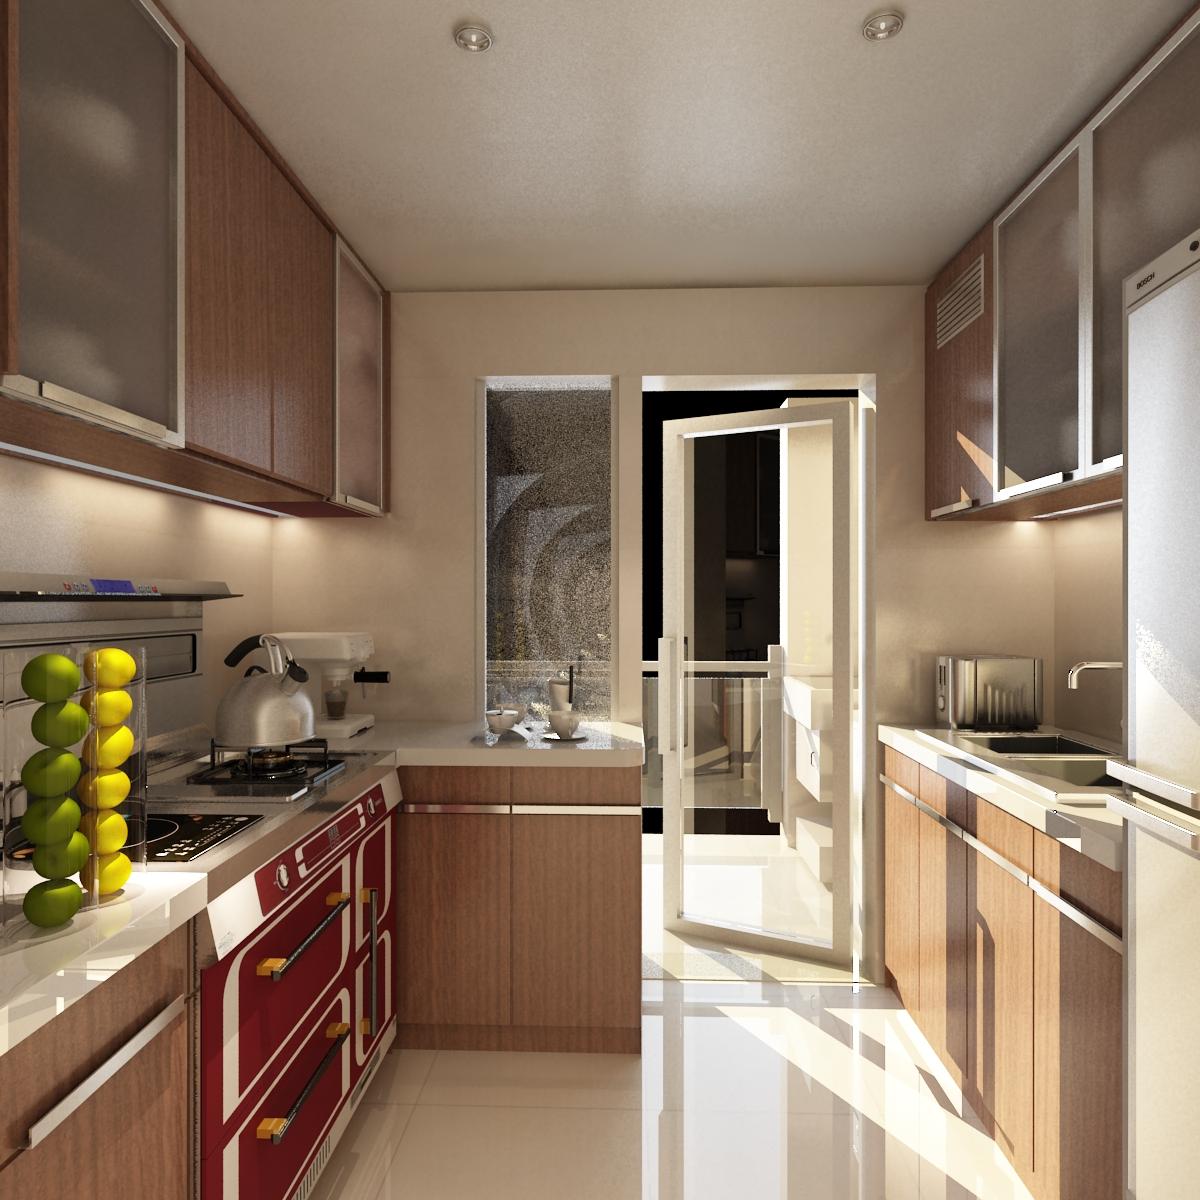 小厨房空间利用大招,超简便!